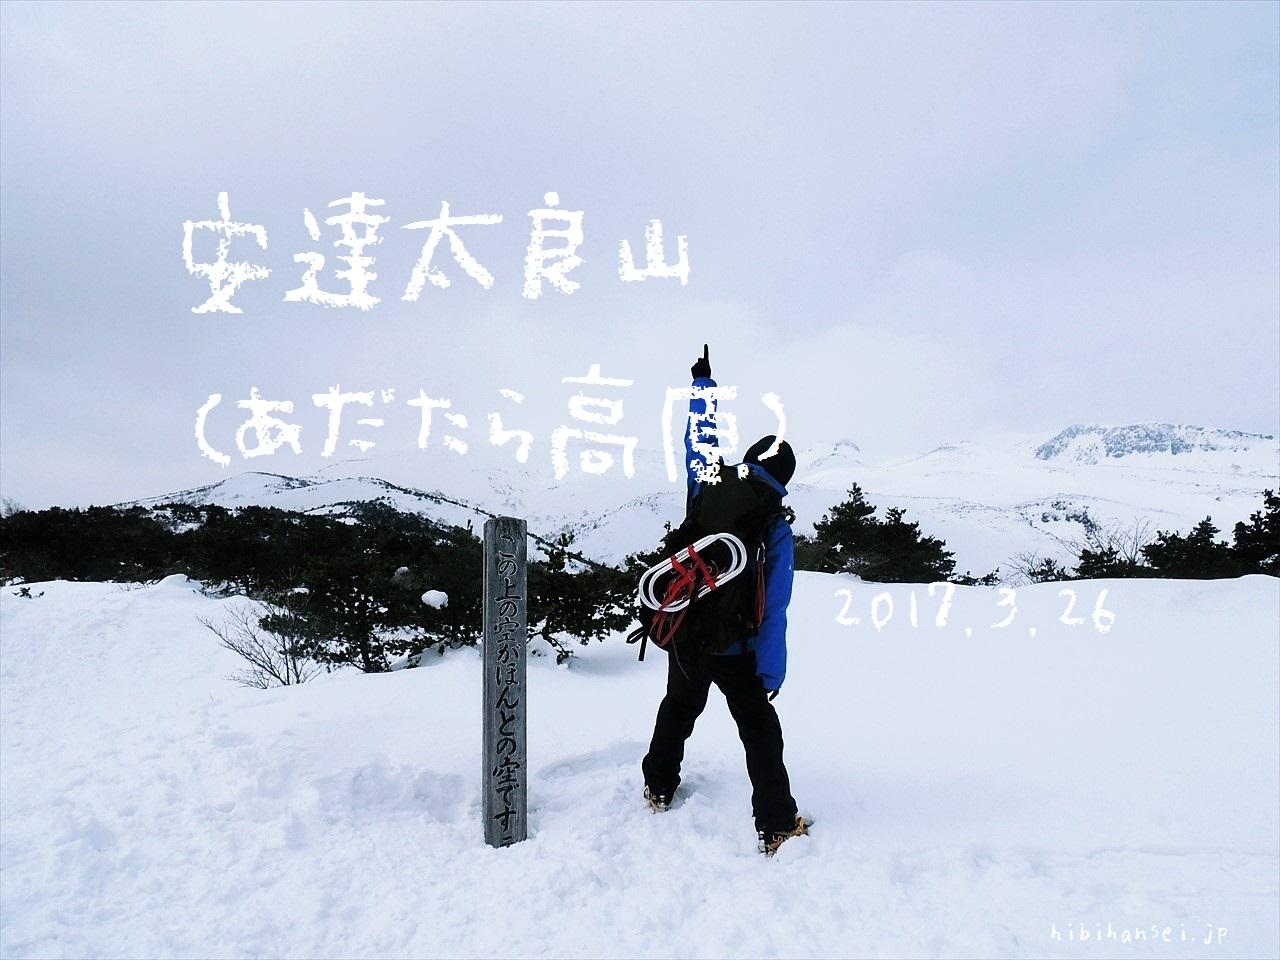 安達太良山(あだたら高原スキー場) 曇り空と落し物 ほんとの空に再訪を誓う旅 雪山登山(2017.3.26)